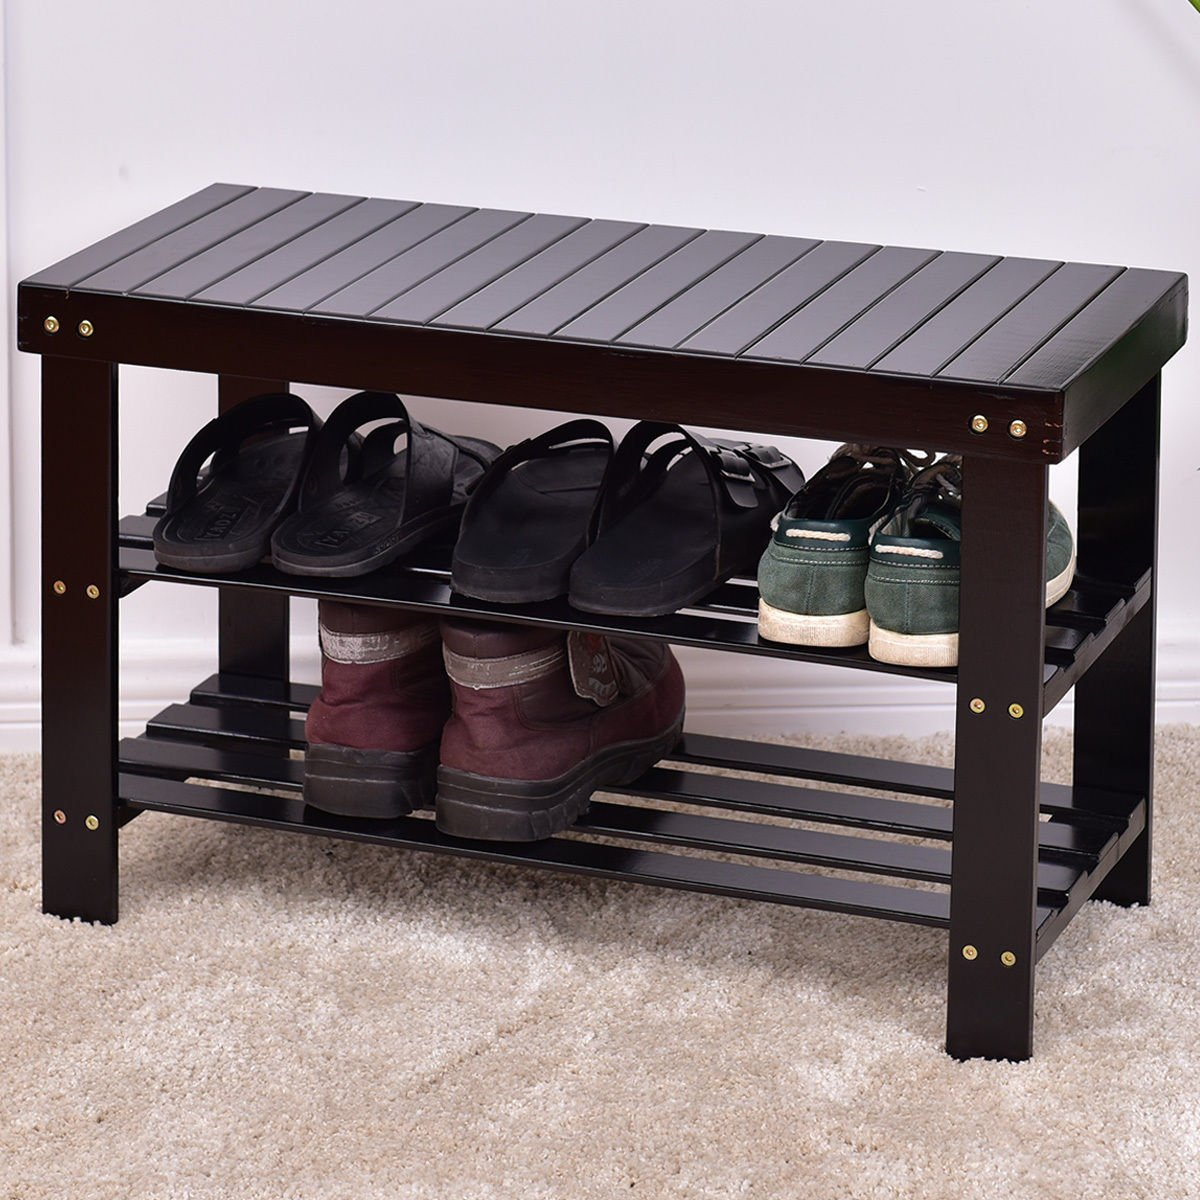 COSTWAY Bamboo Shoe Rack Bench 3-Tier Free Standing Wood